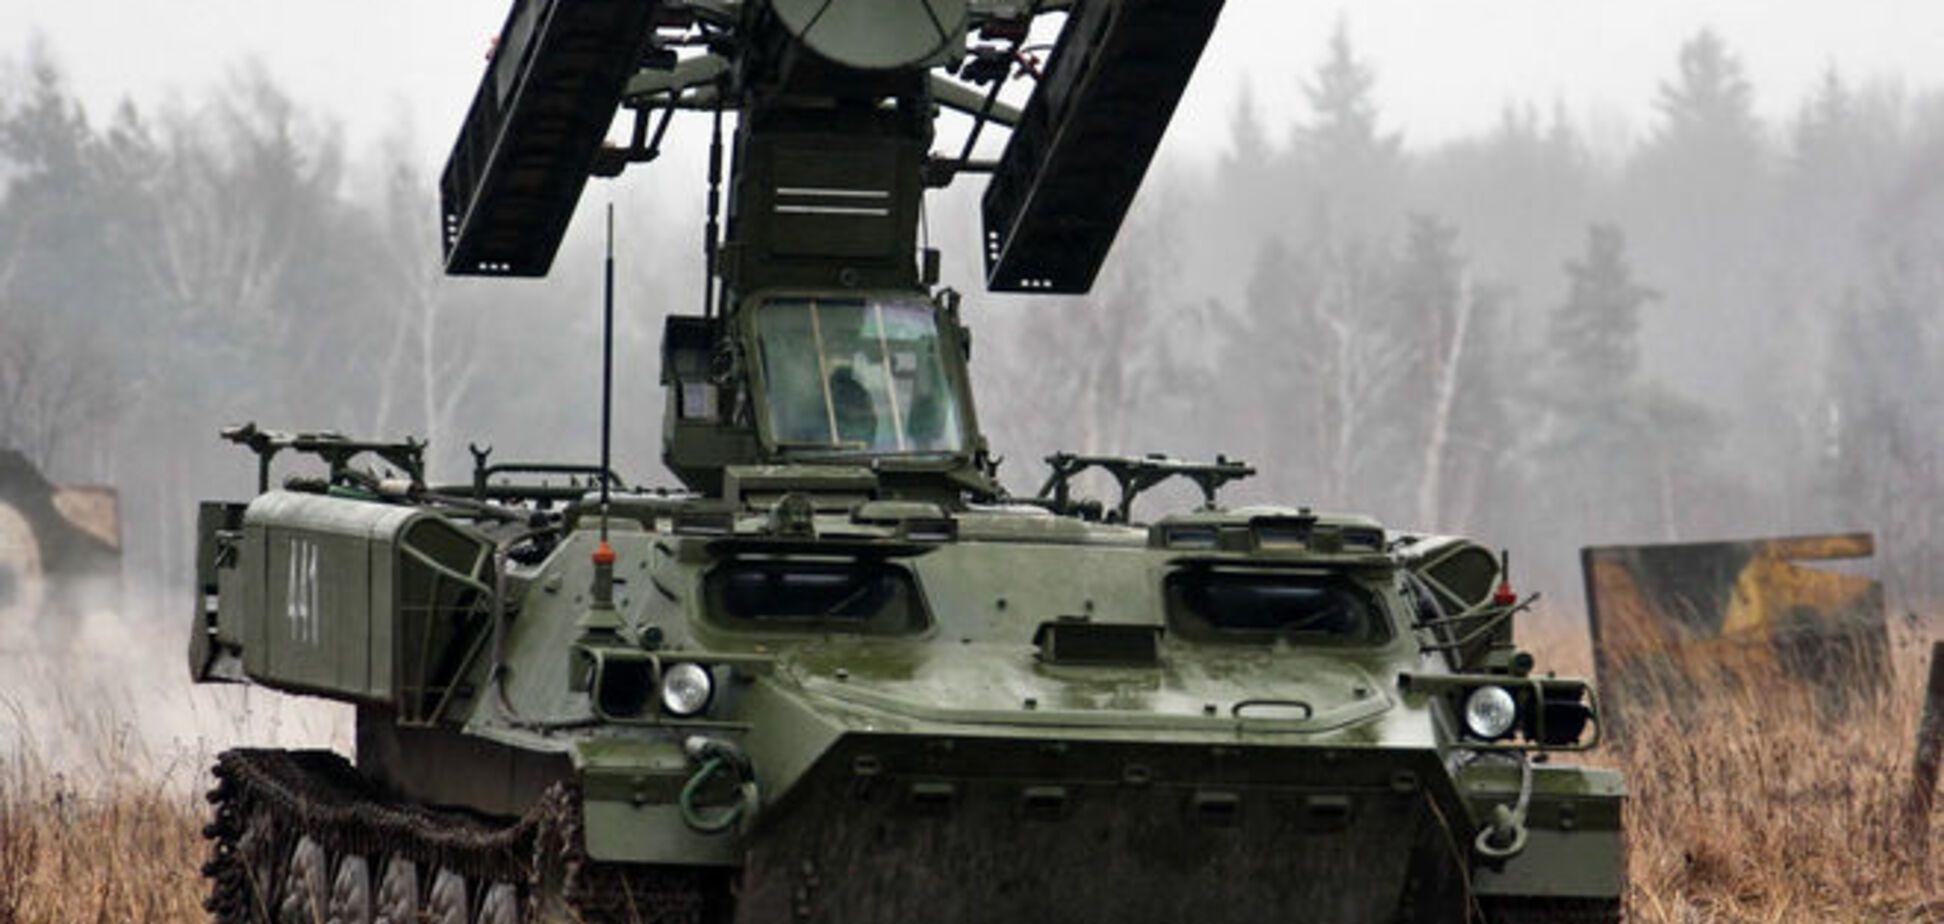 Катков рассказал о самом опасном оружии террористов на Донбассе